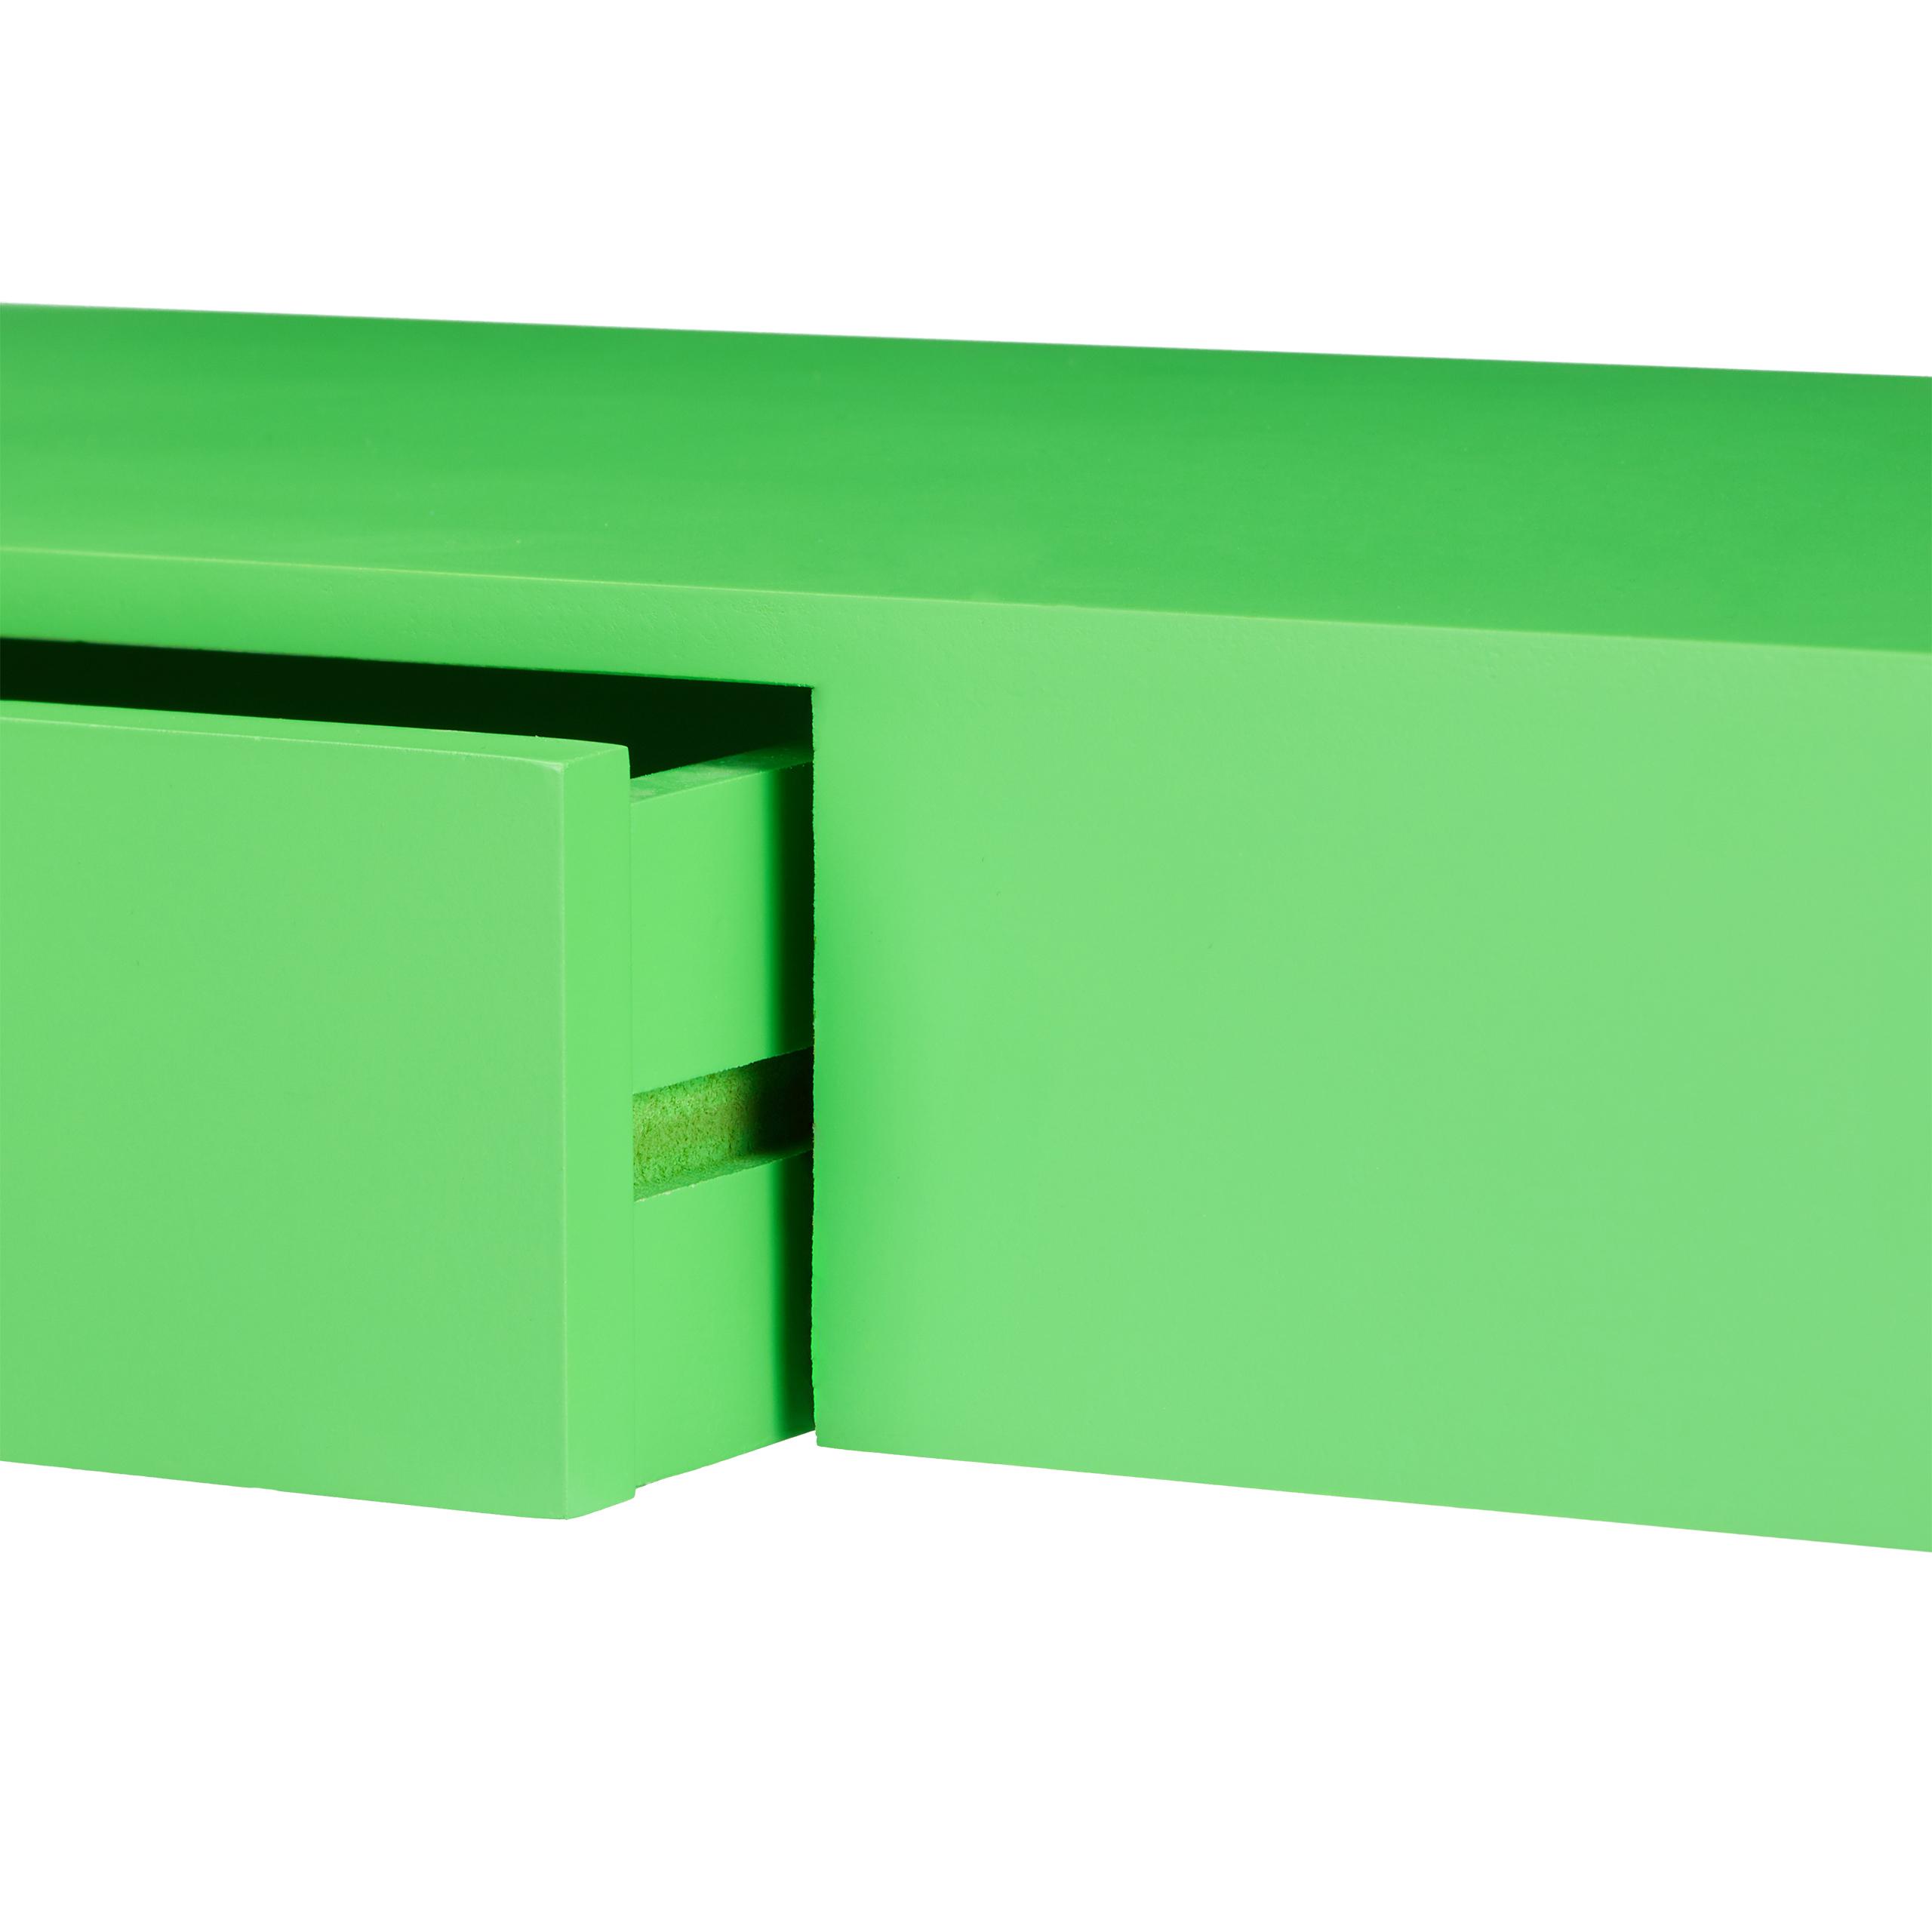 Wandregal-mit-Schublade-freischwebend-Design-Deko-Wohnzimmer-modern-Ablage Indexbild 14